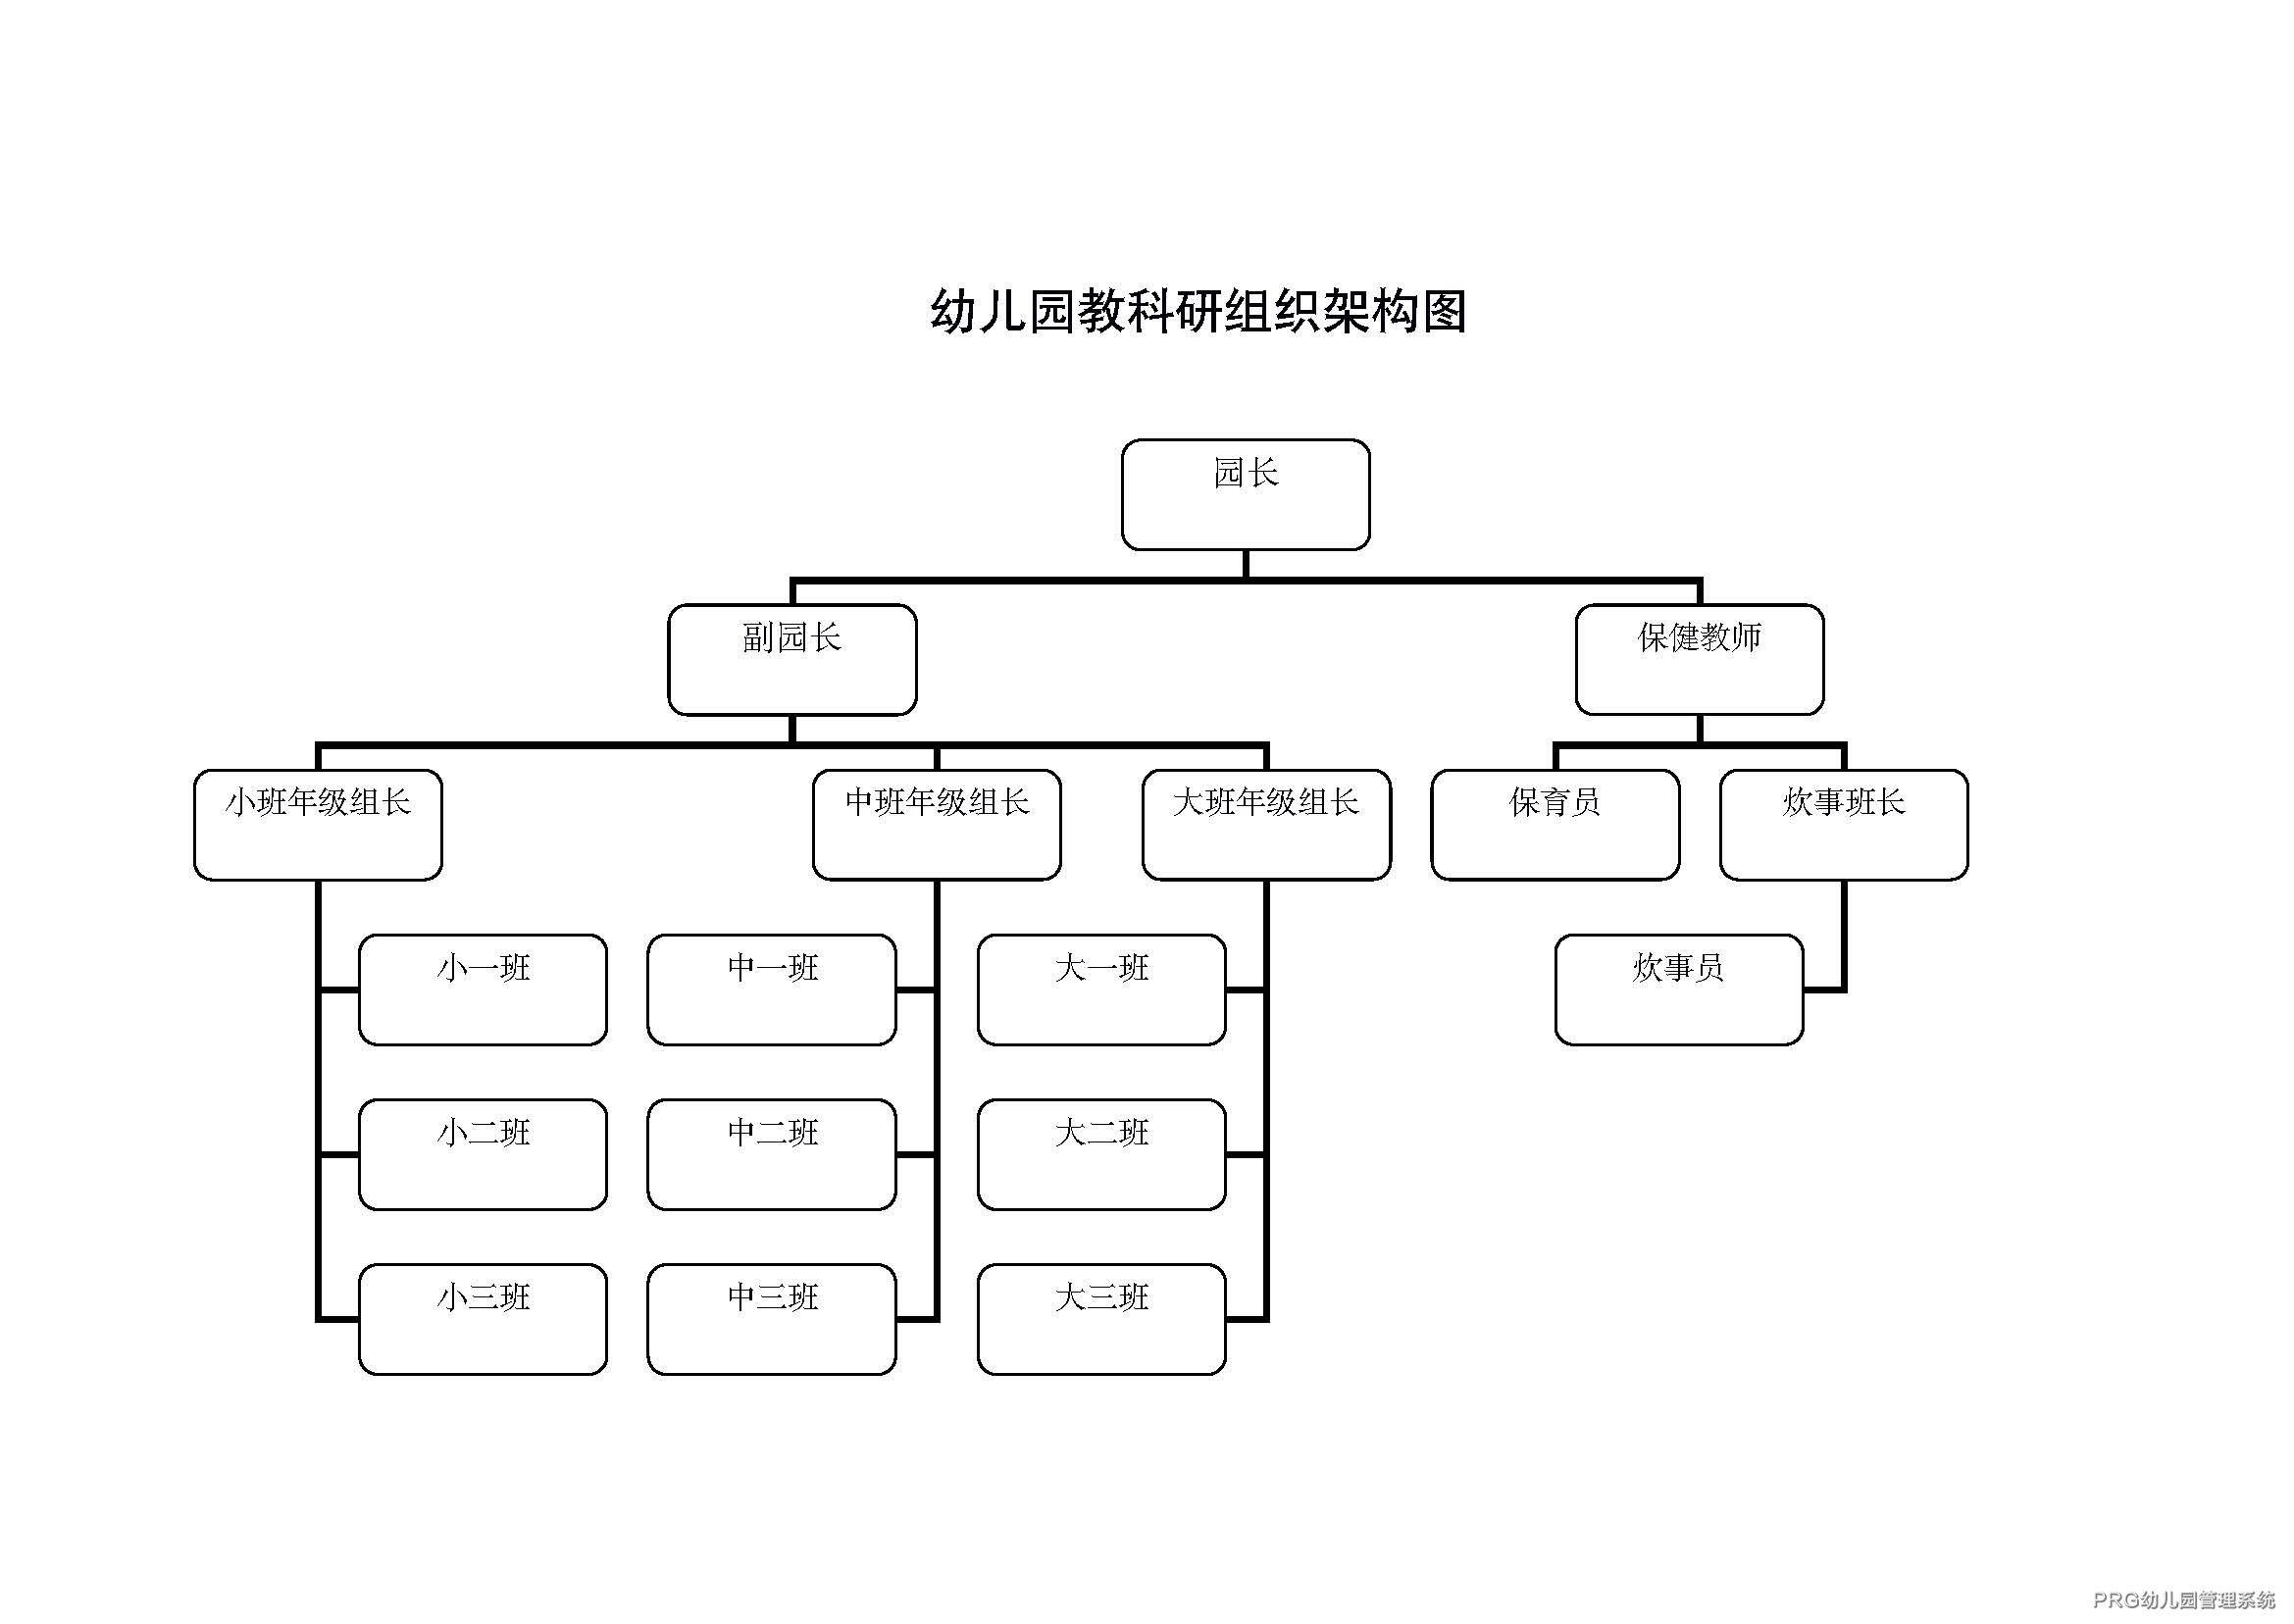 幼儿园教科研组织架构图